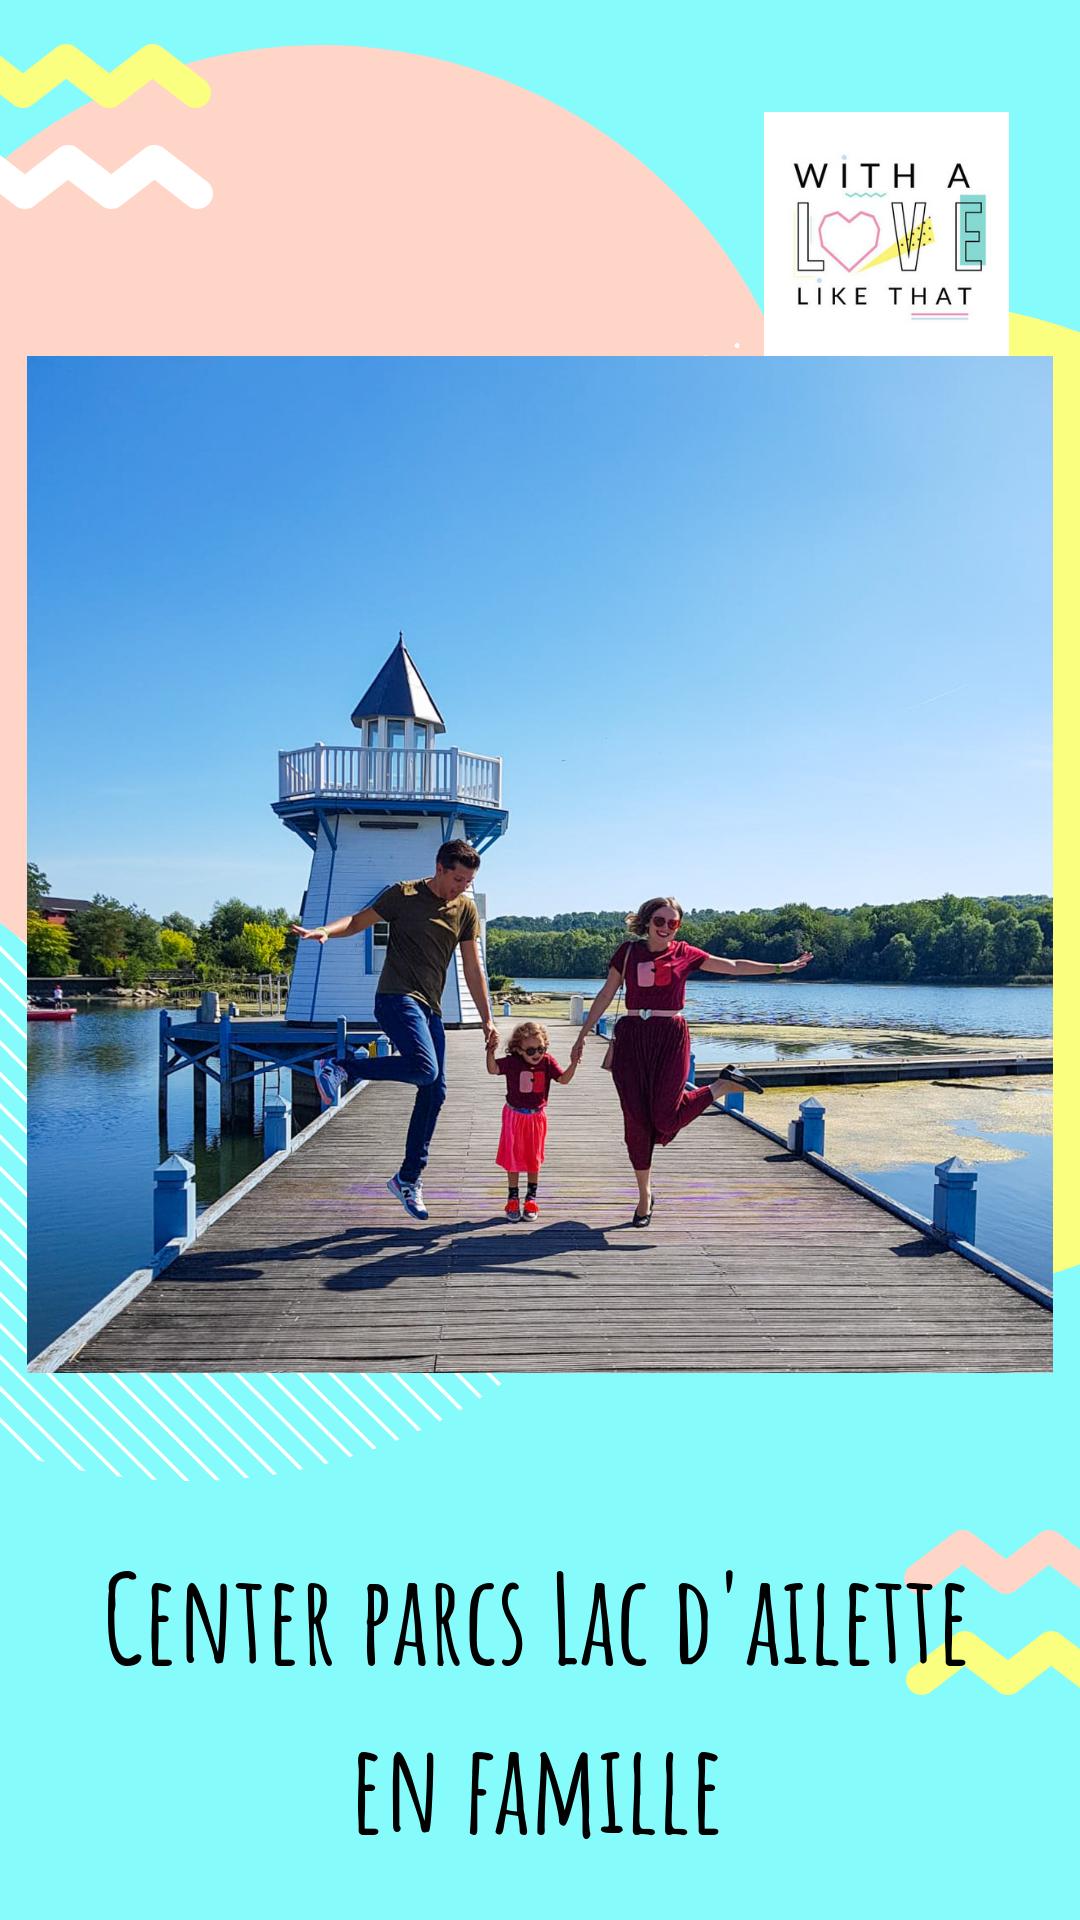 Notre avis sur le center parcs lac d'ailette en famille / sur withalovelikethat.fr